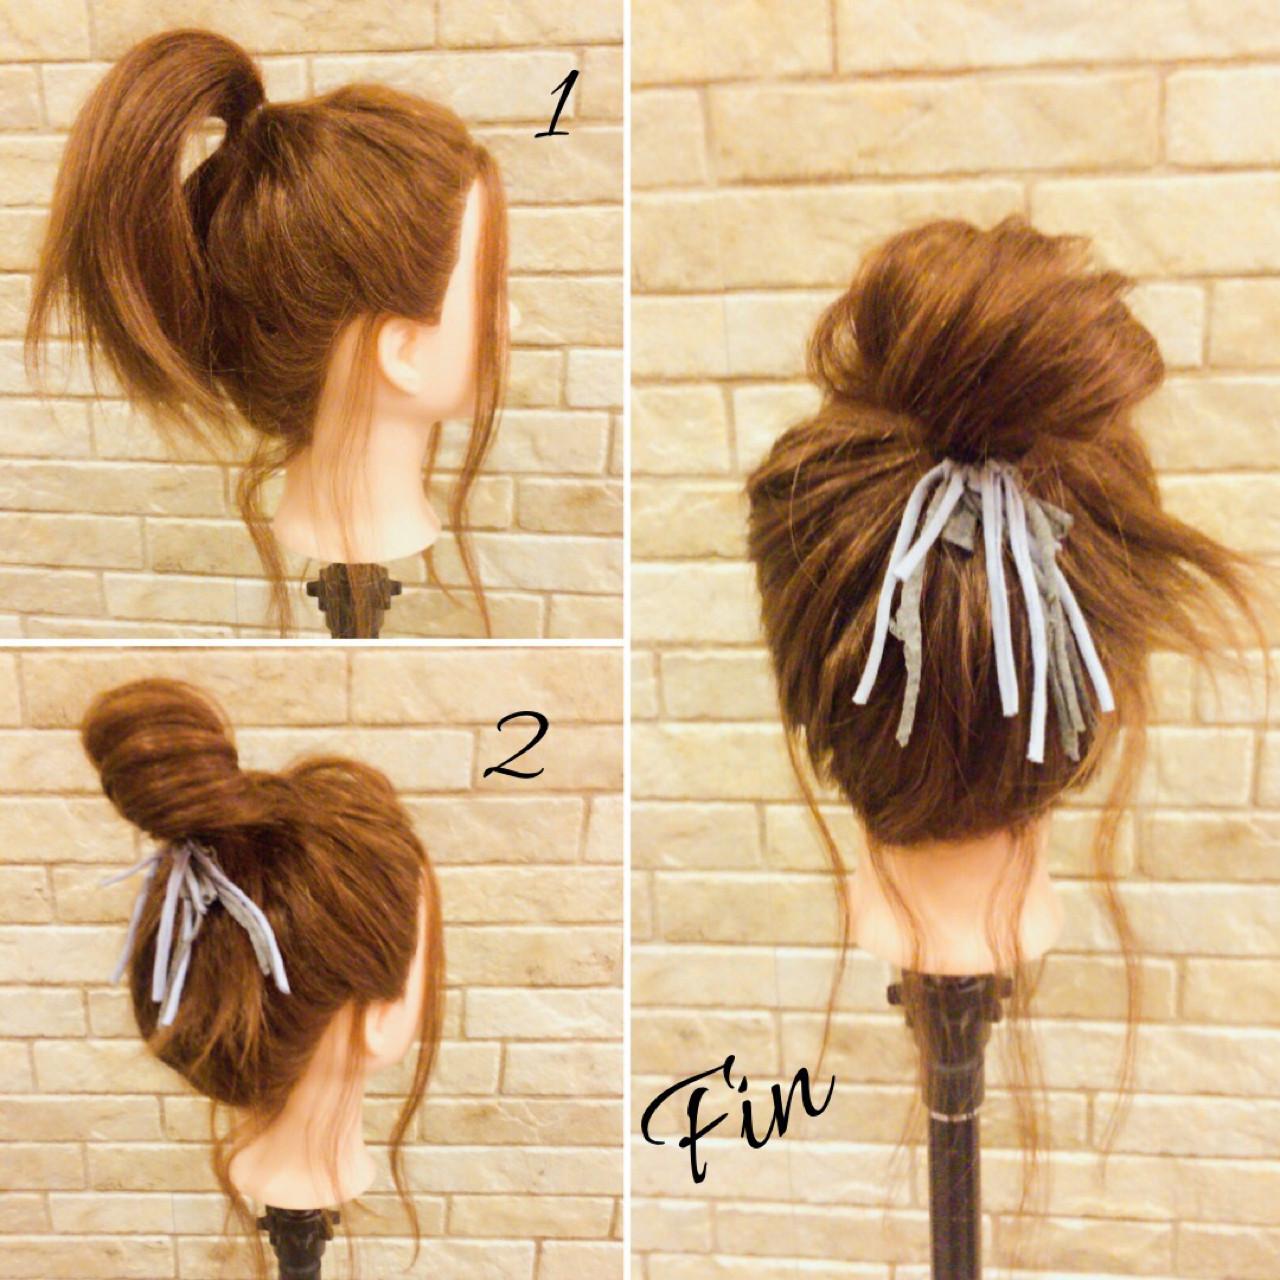 セミロング ヘアアレンジ 大人女子 春 ヘアスタイルや髪型の写真・画像